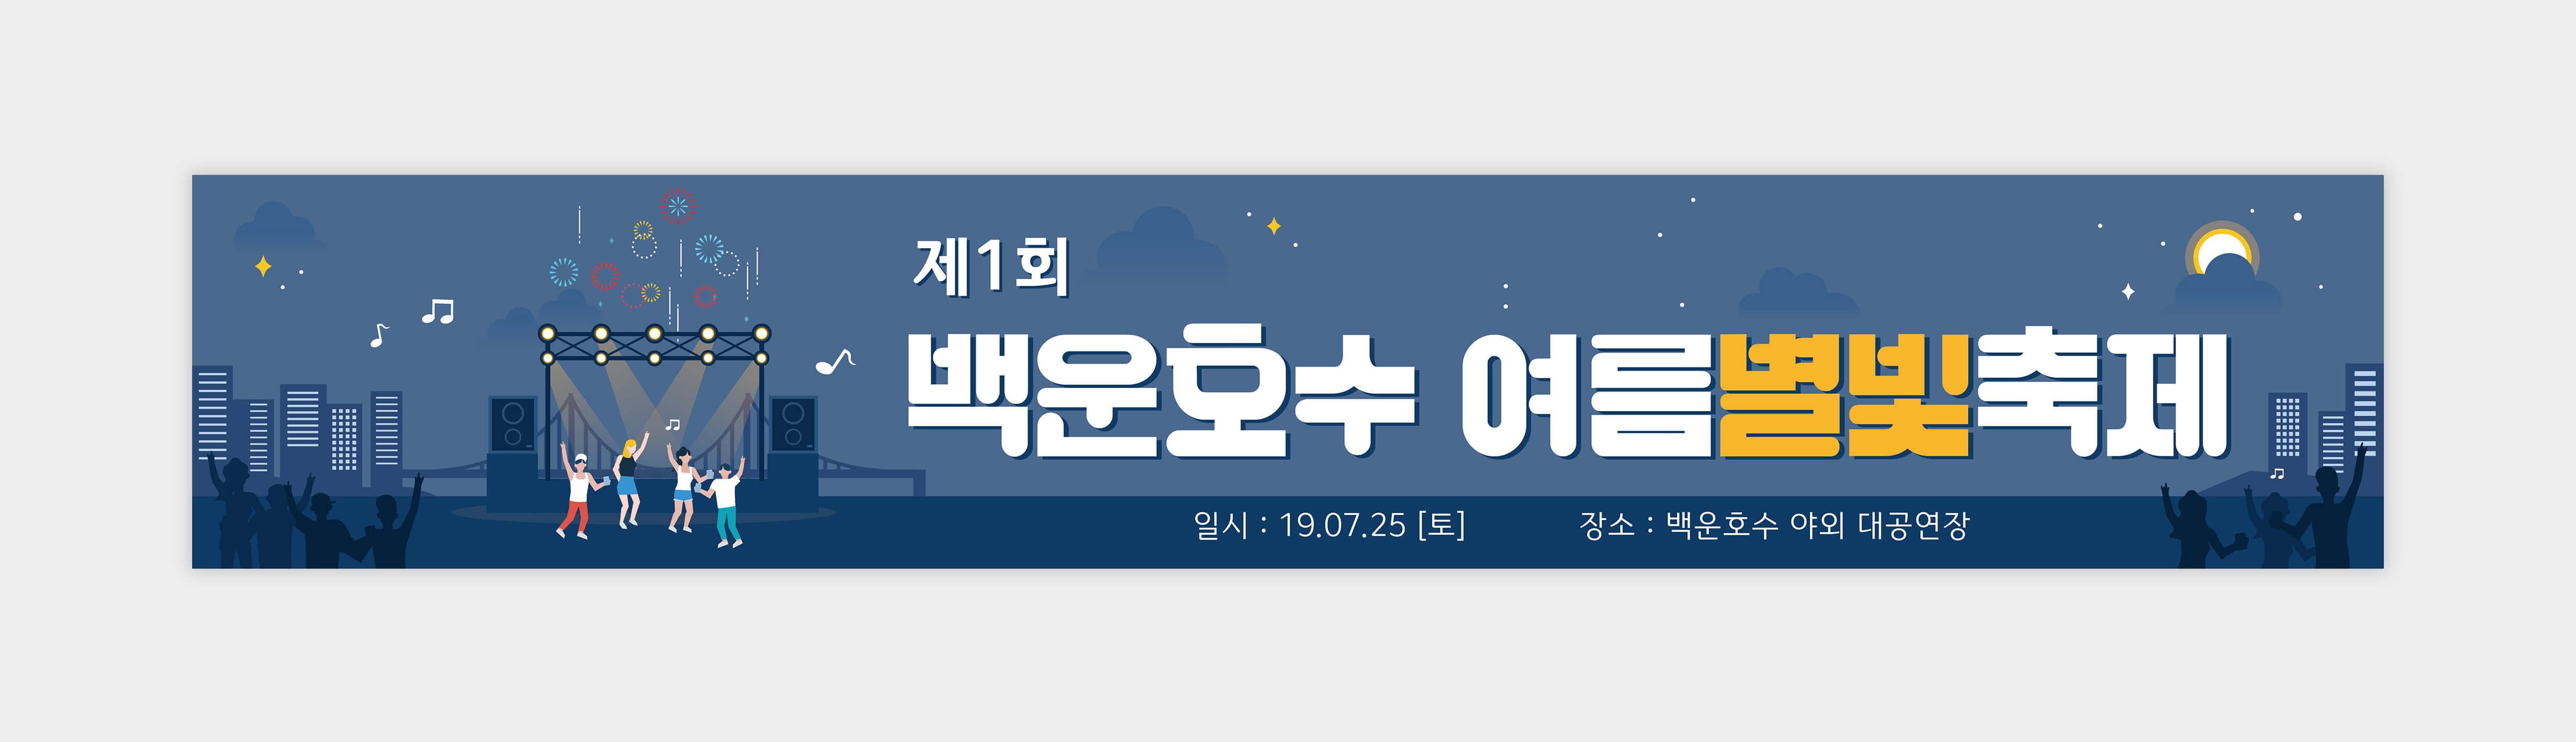 현수막_066